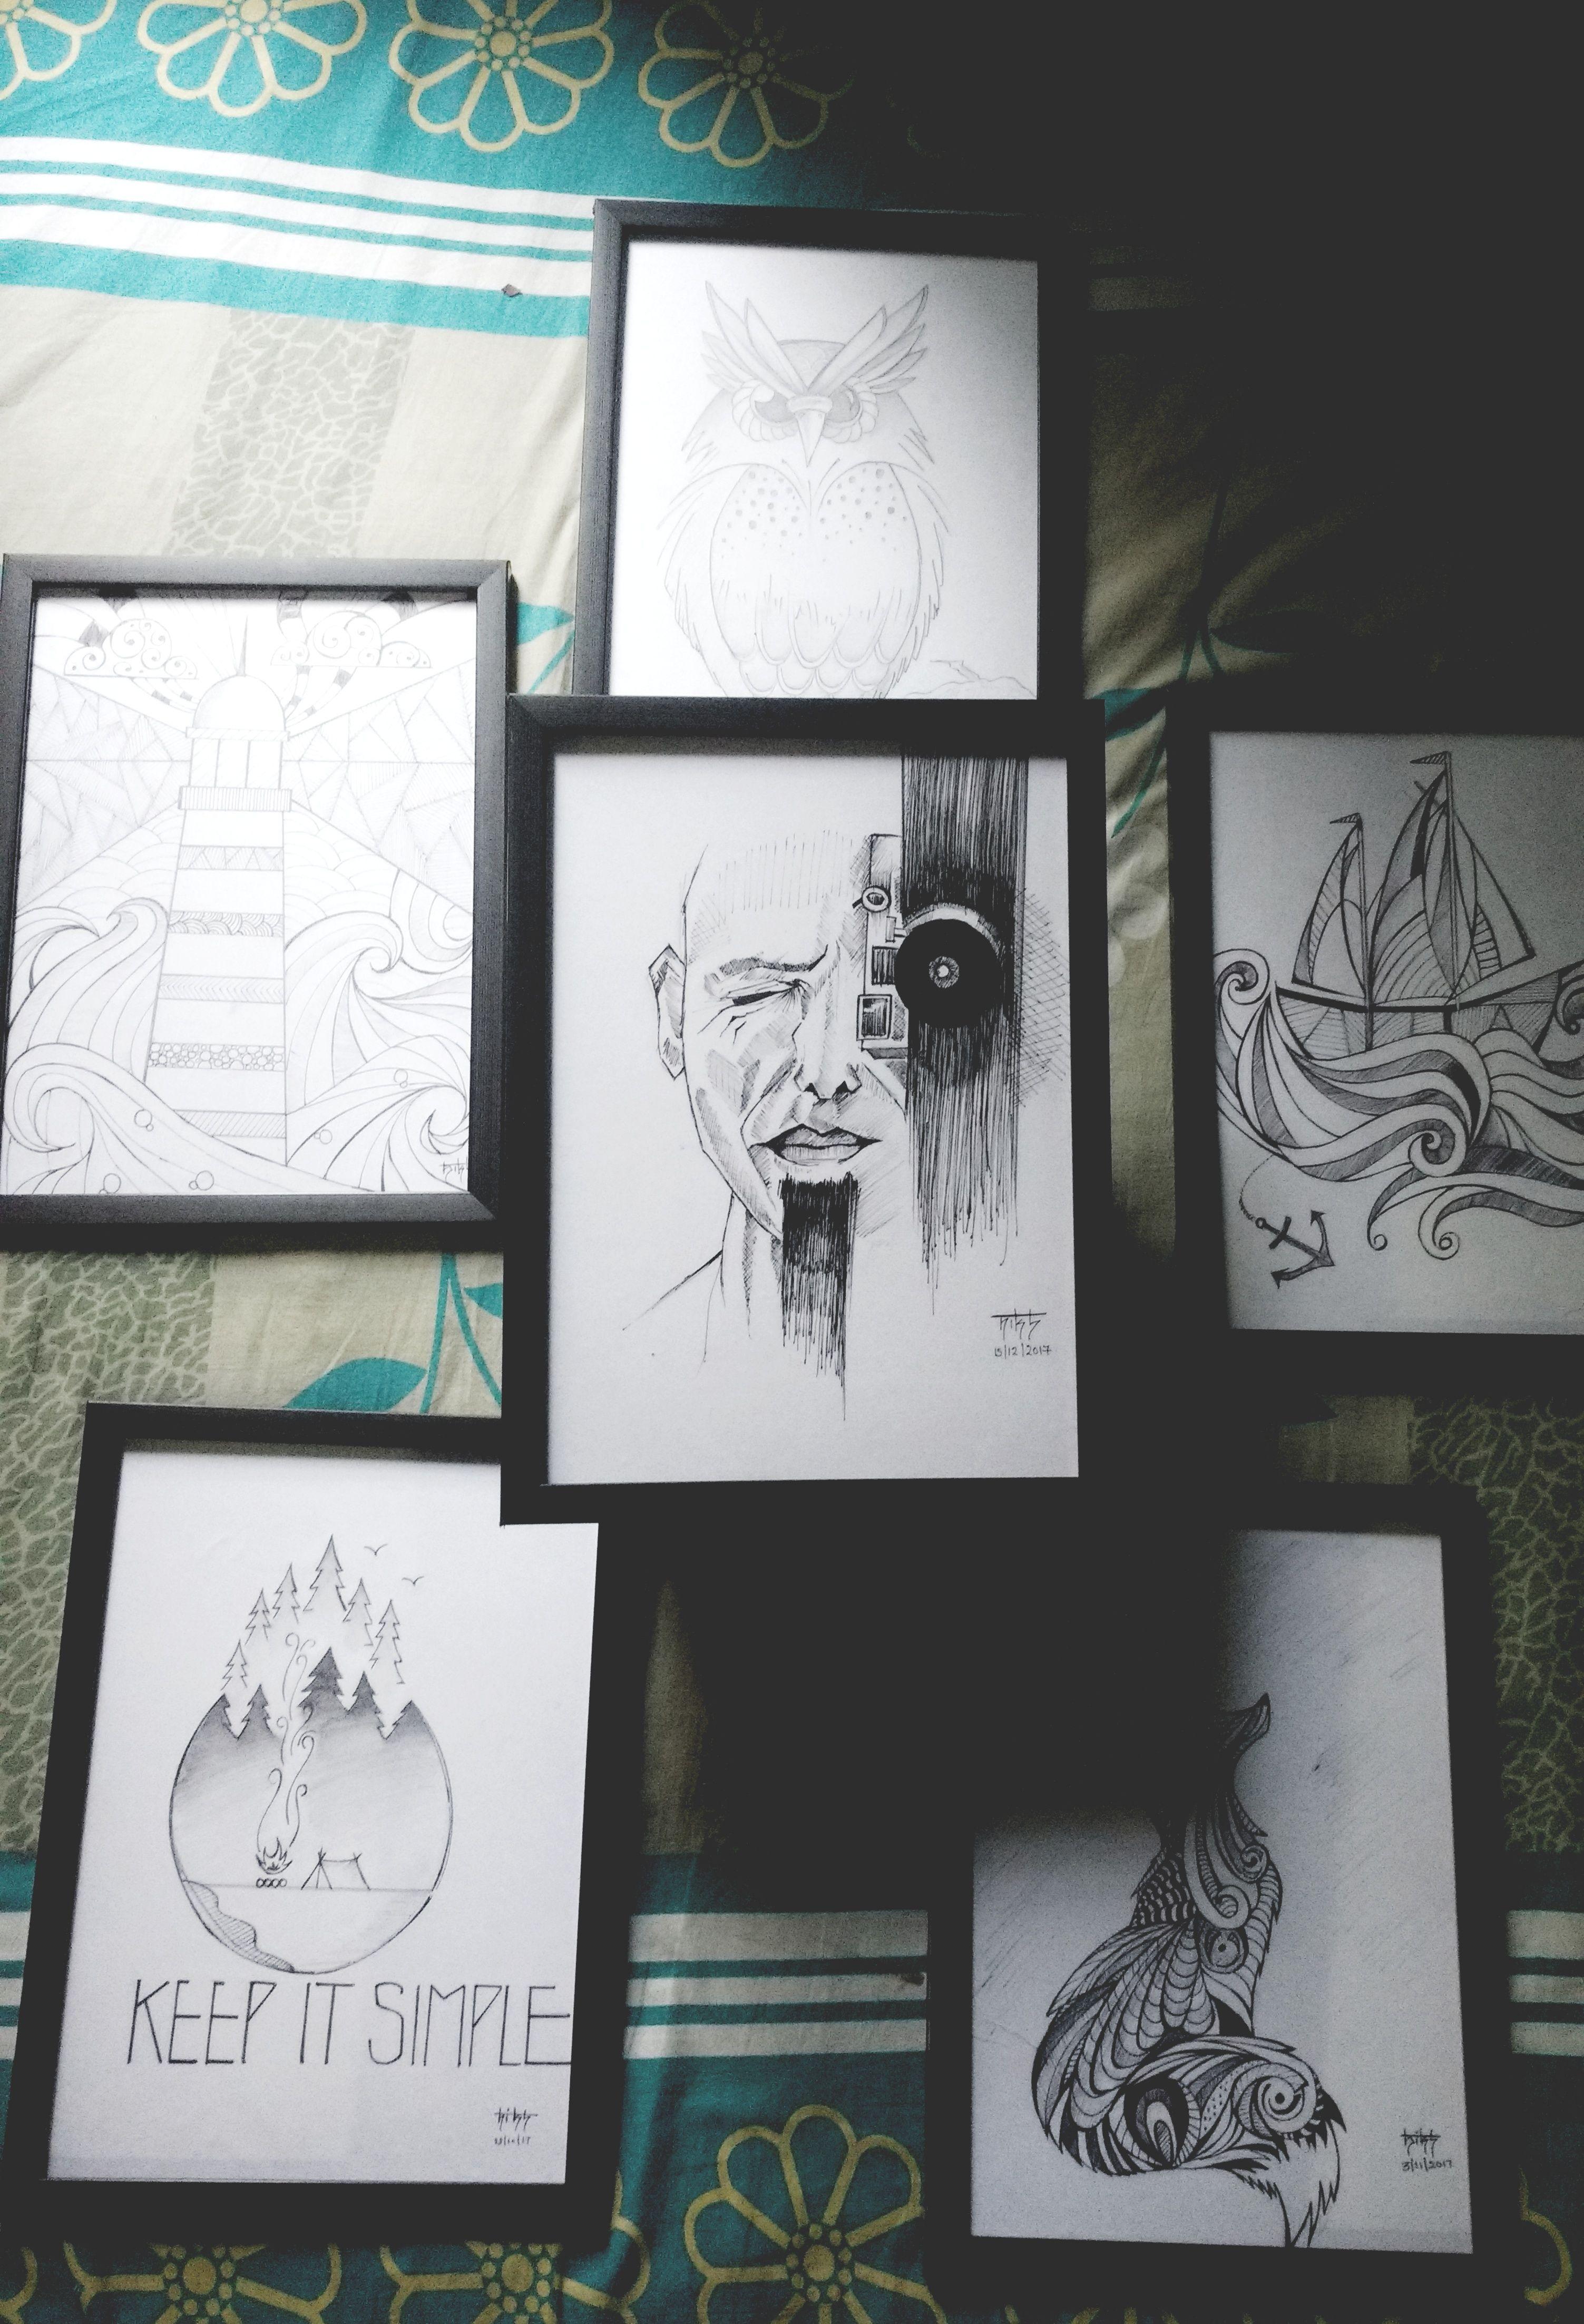 Frames , pencil sketch   Gallery wall, Frame, Pencil sketch